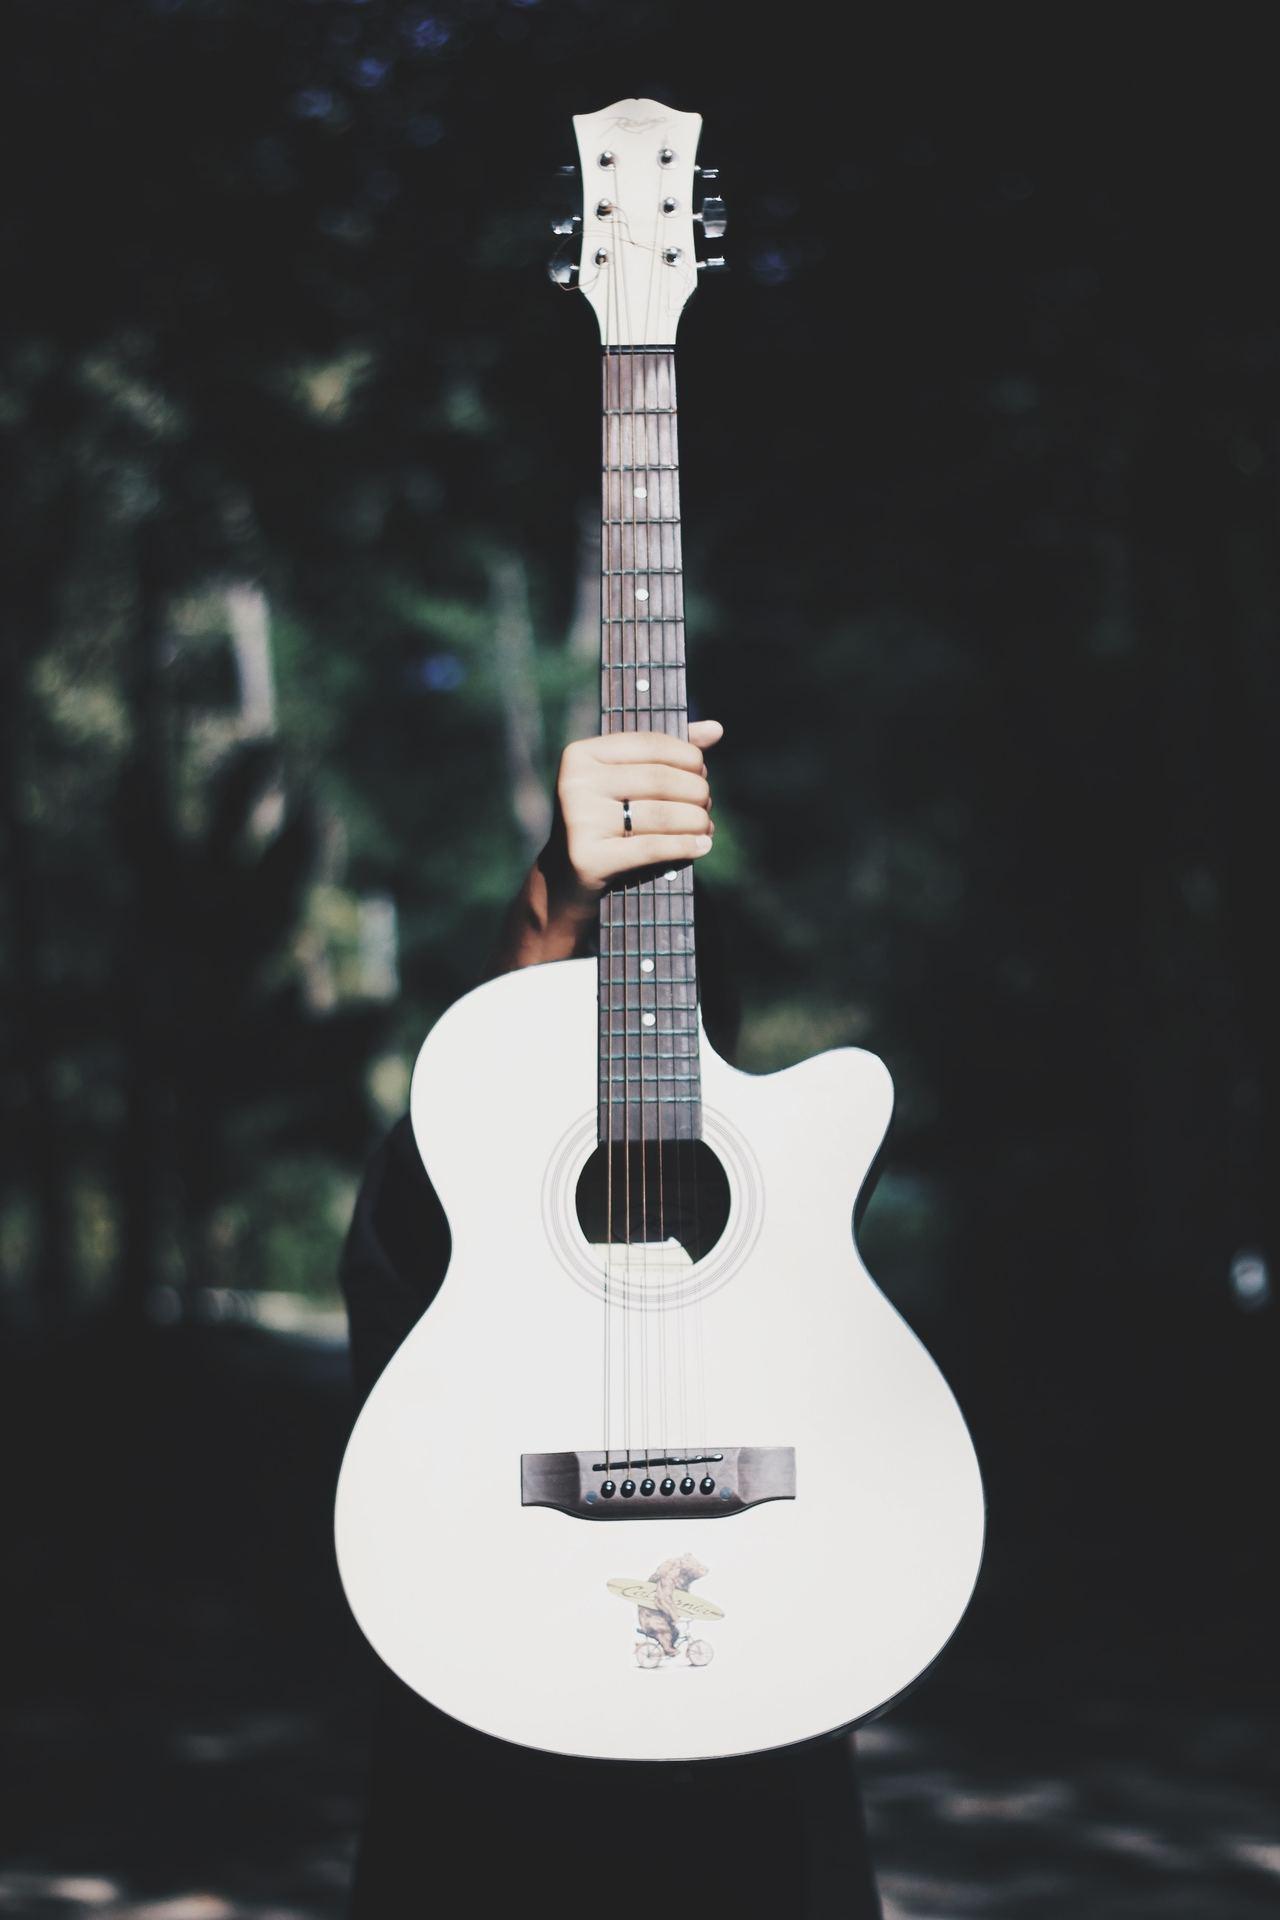 Hitta ditt musikinstrument